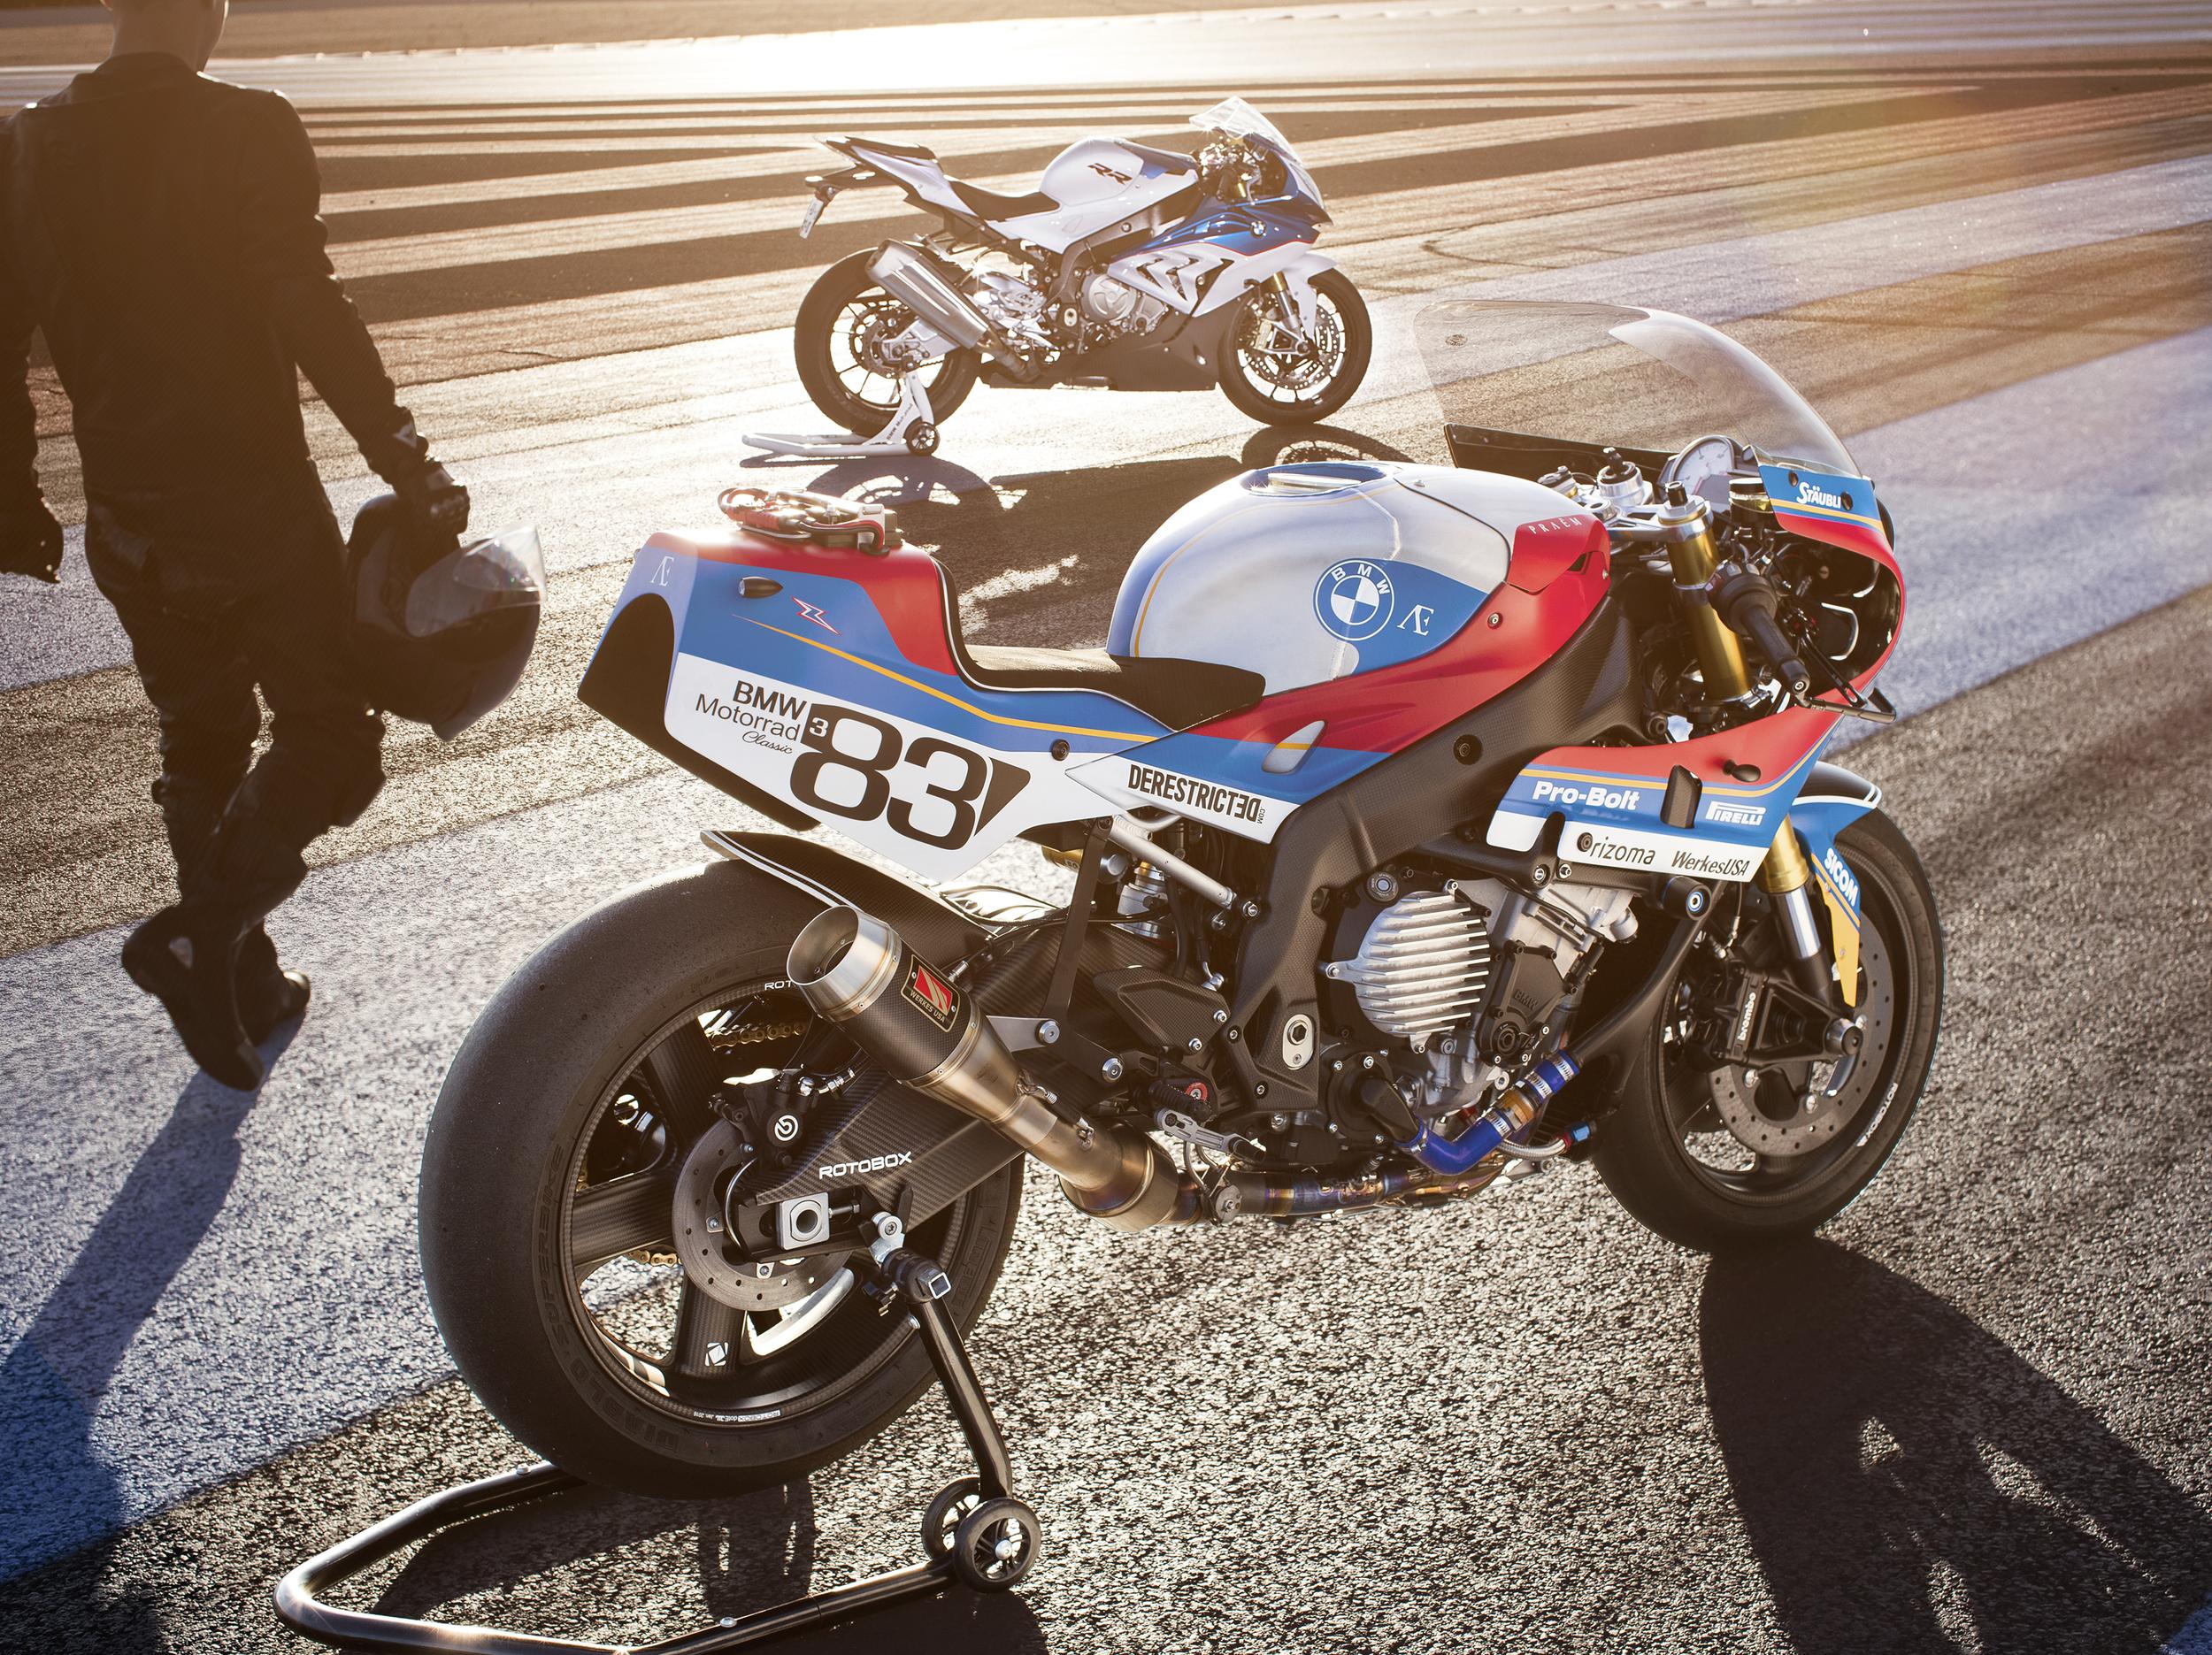 PAGNOL-MOTOR Pagnol -PRAEM-BMW journal